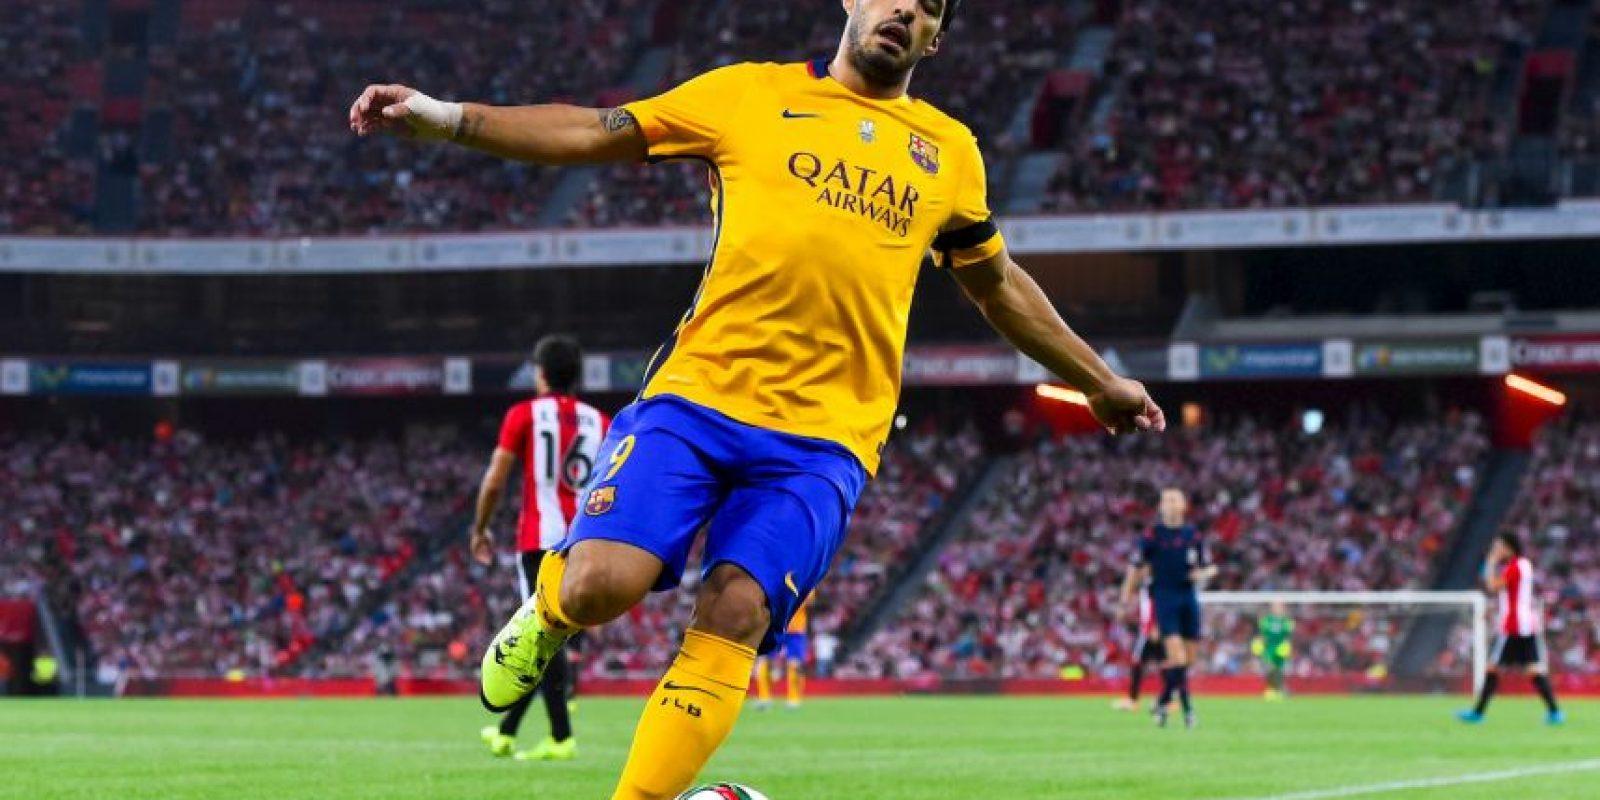 En la campaña pasada se integró tres meses después de comenzada la Liga y los resultados fueron asombrosos. ¿Qué será capaz de hacer junto a Messi y Neymar ahora que jugarán juntos desde el comienzo? Foto:Getty Images